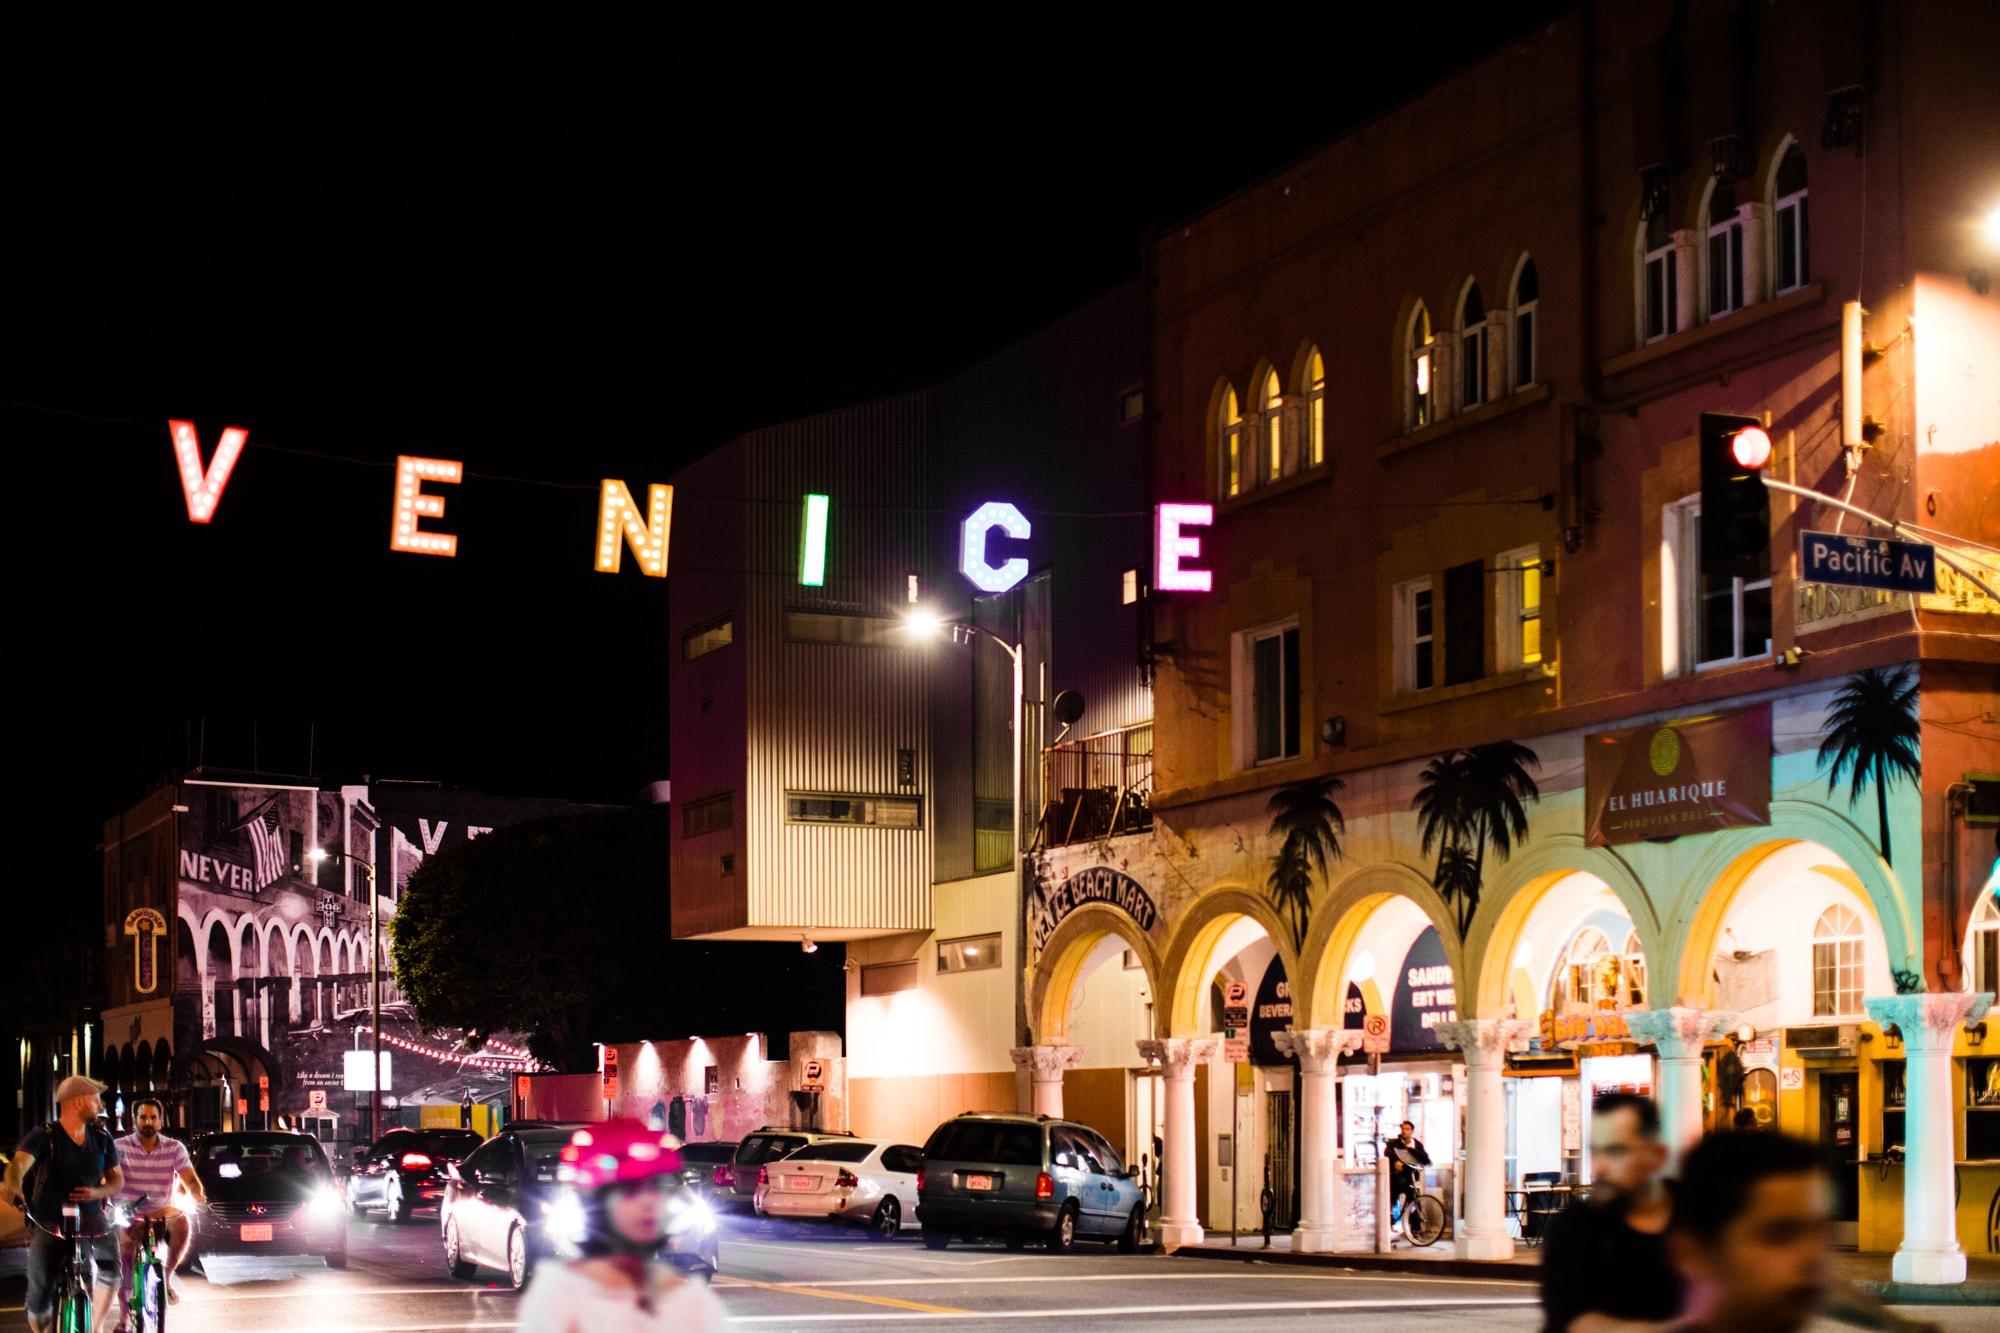 EK_Venice_0990-min.jpg